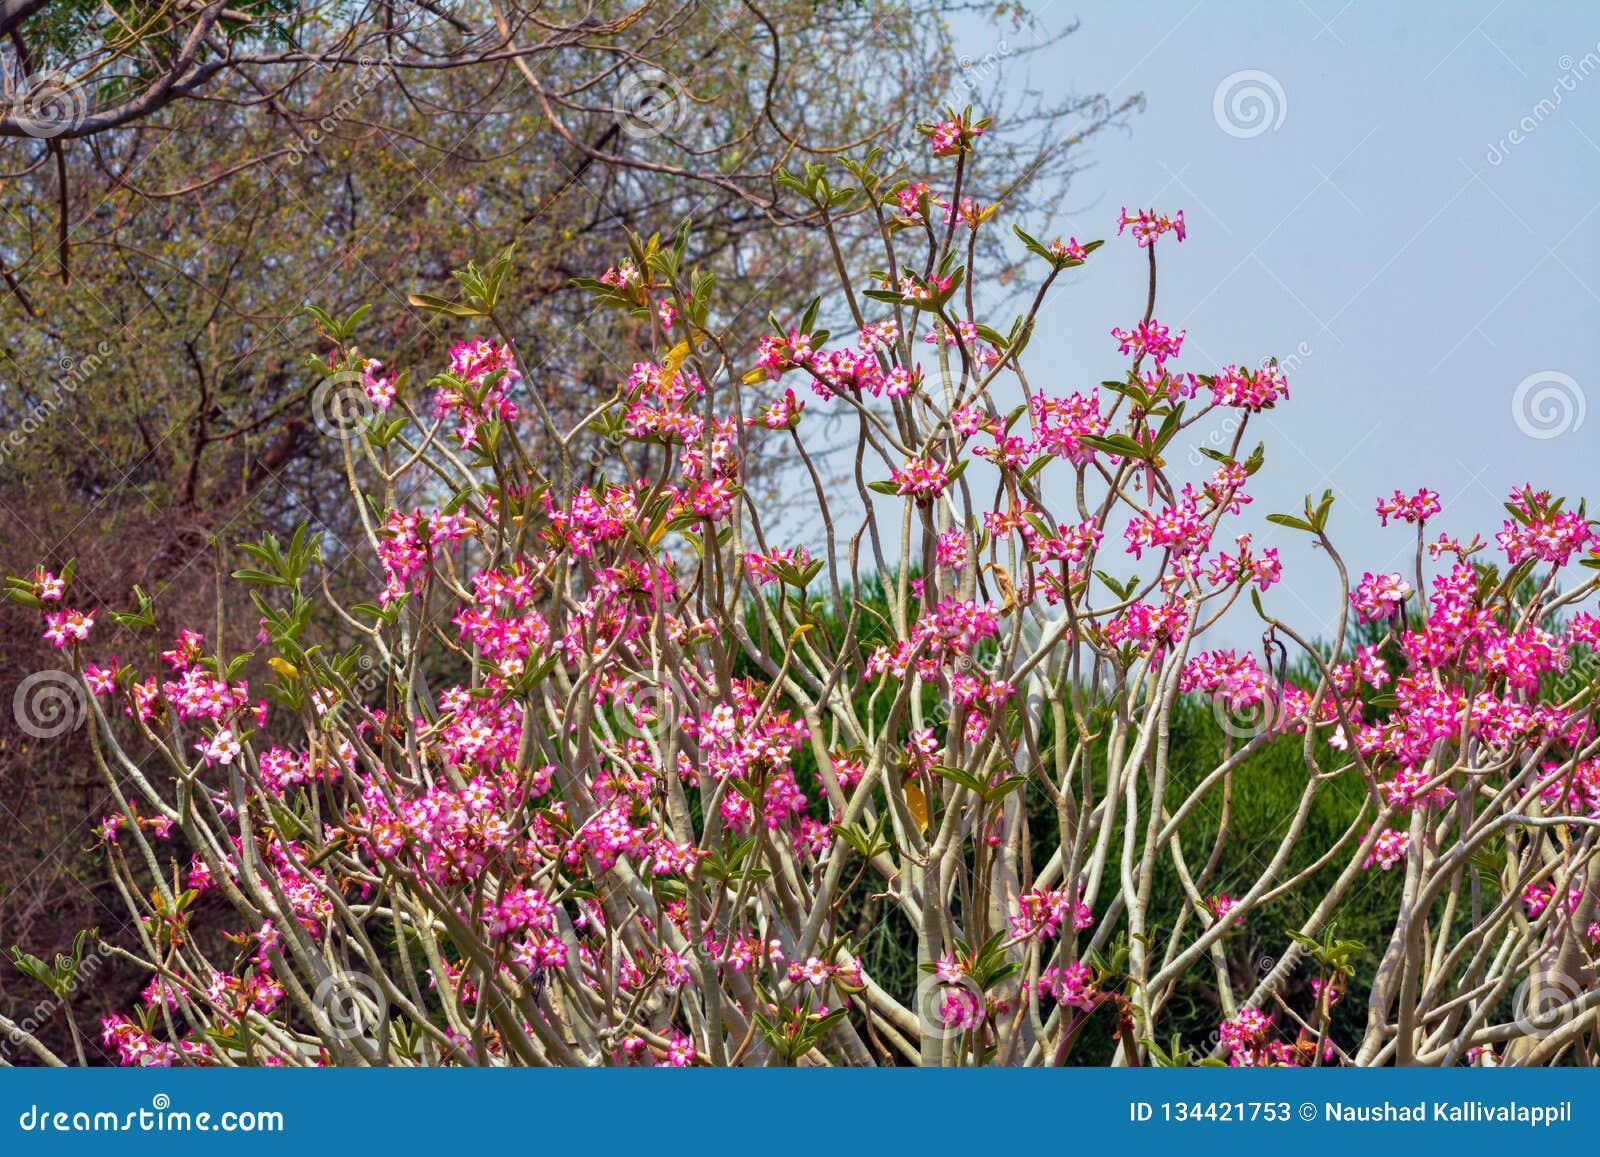 Nerium flower